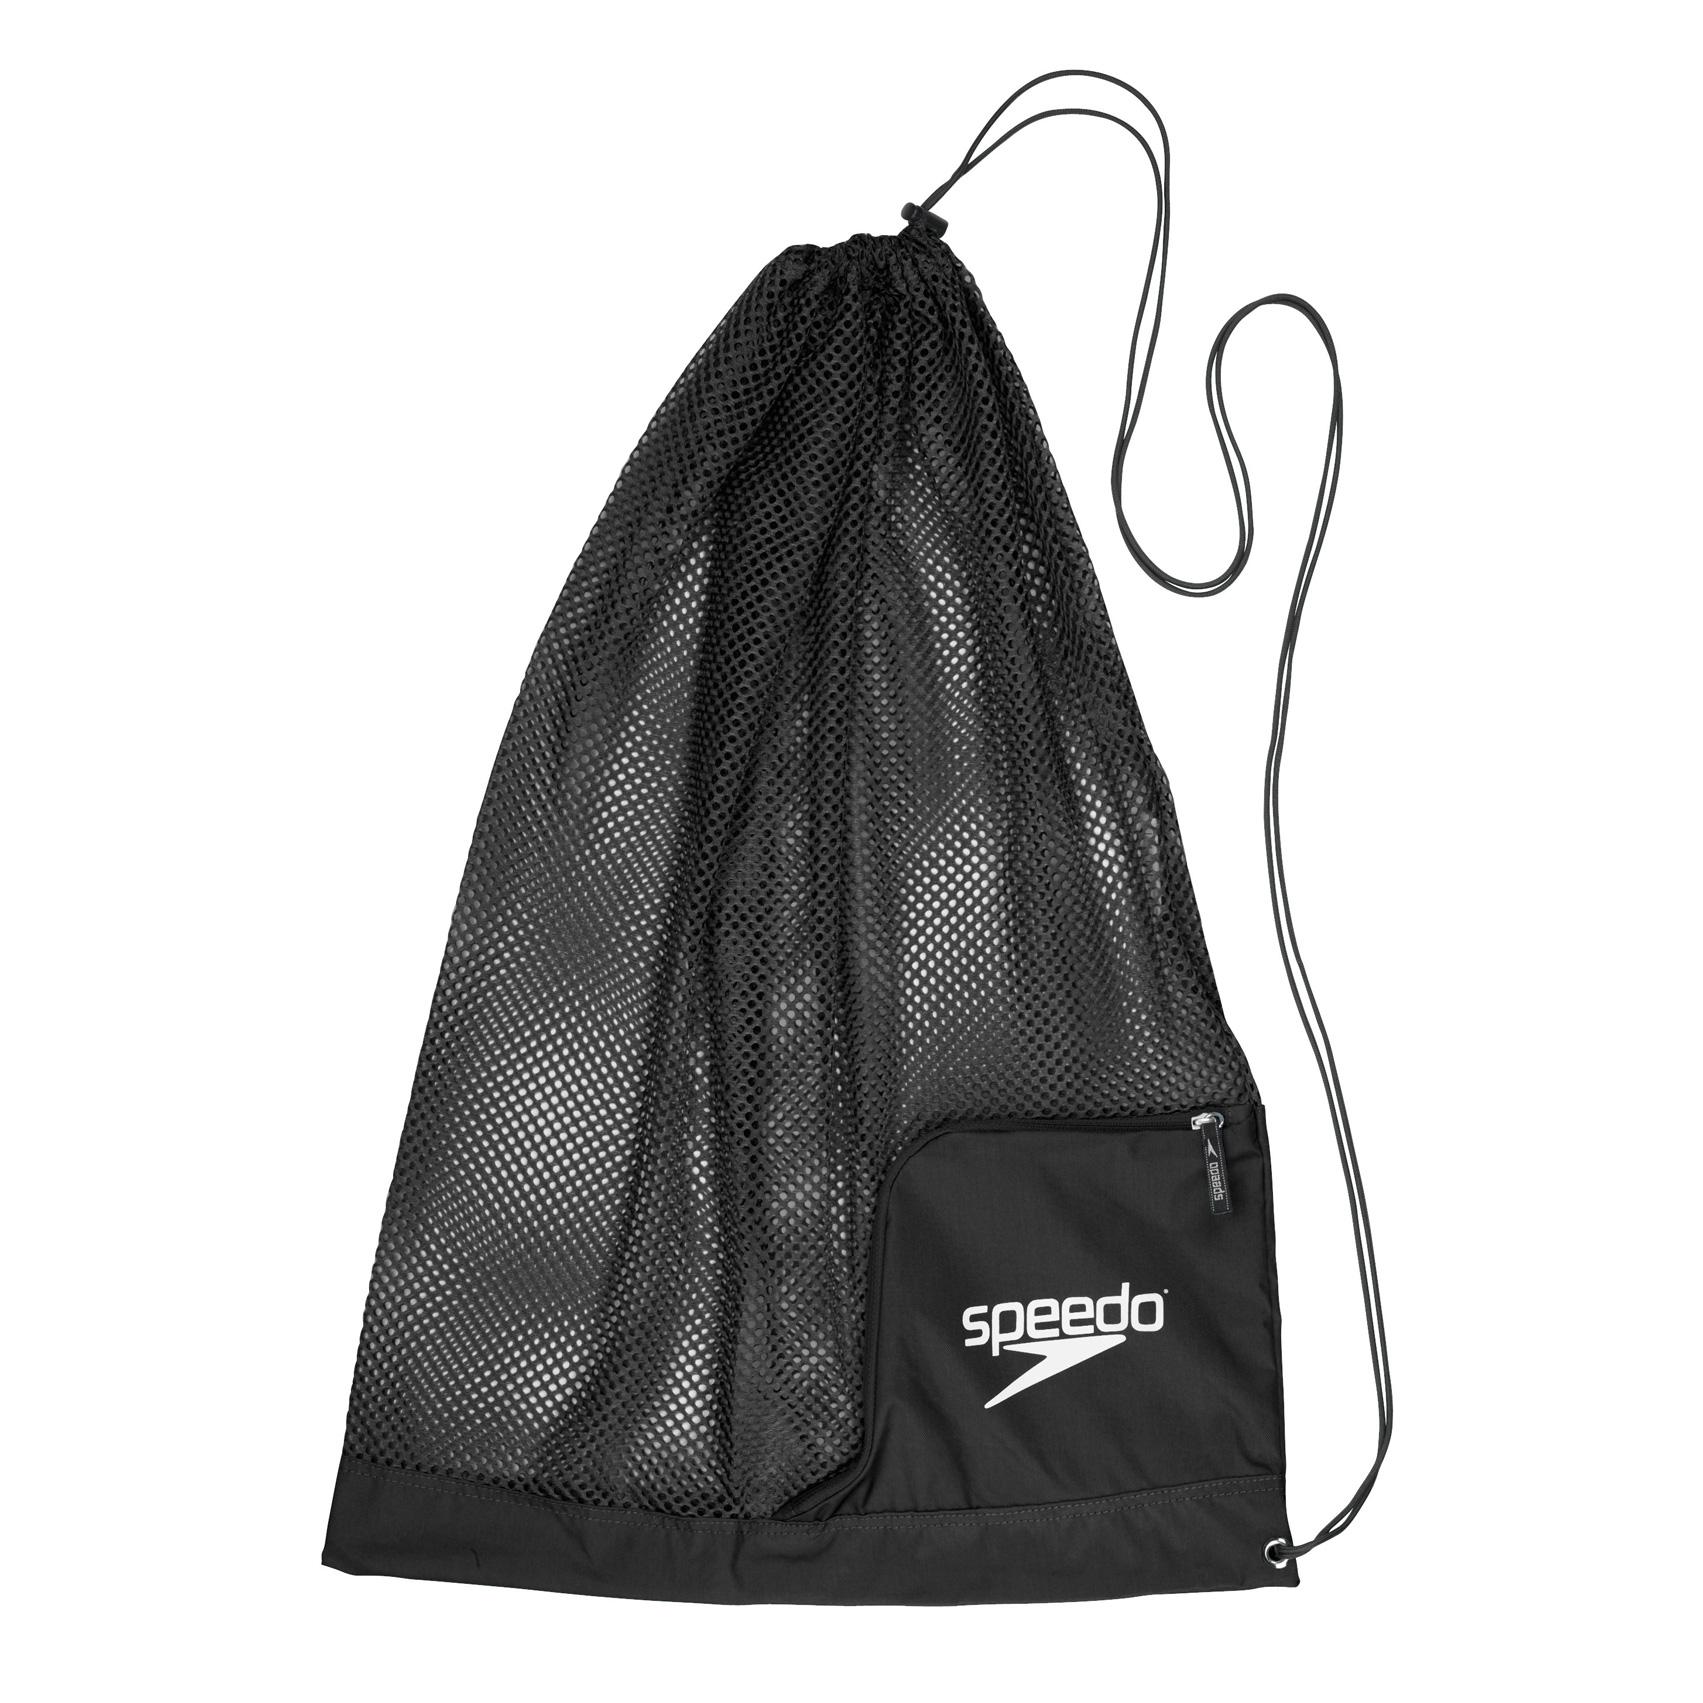 VENTILATOR MESH BAG 7520119